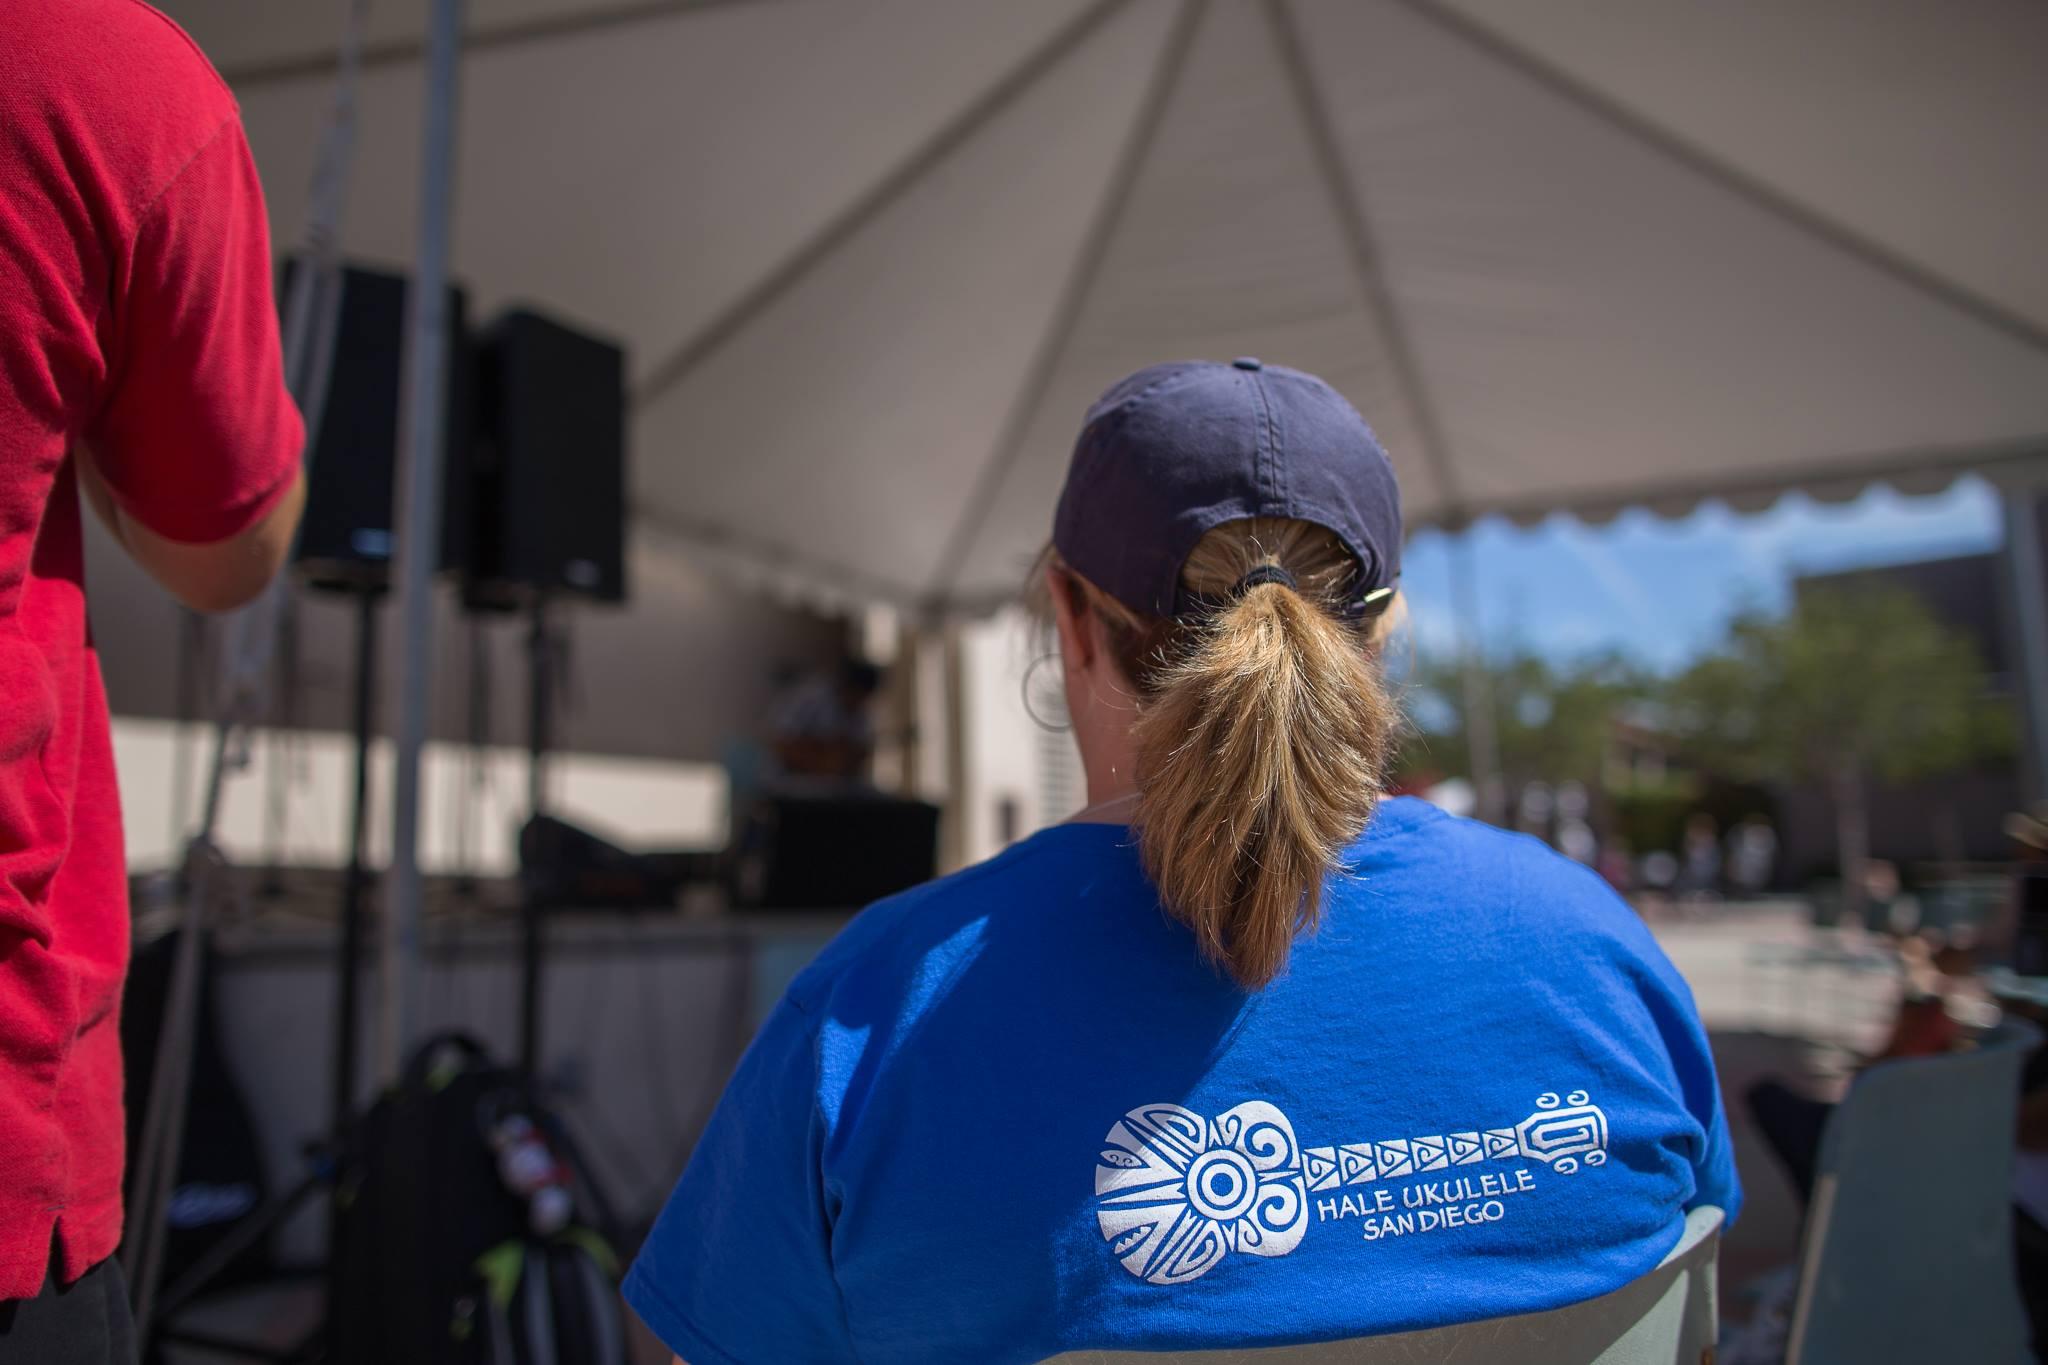 Hale 'Ukulele T-Shirts at the LA Uke Fest - Photo by Craig Chee